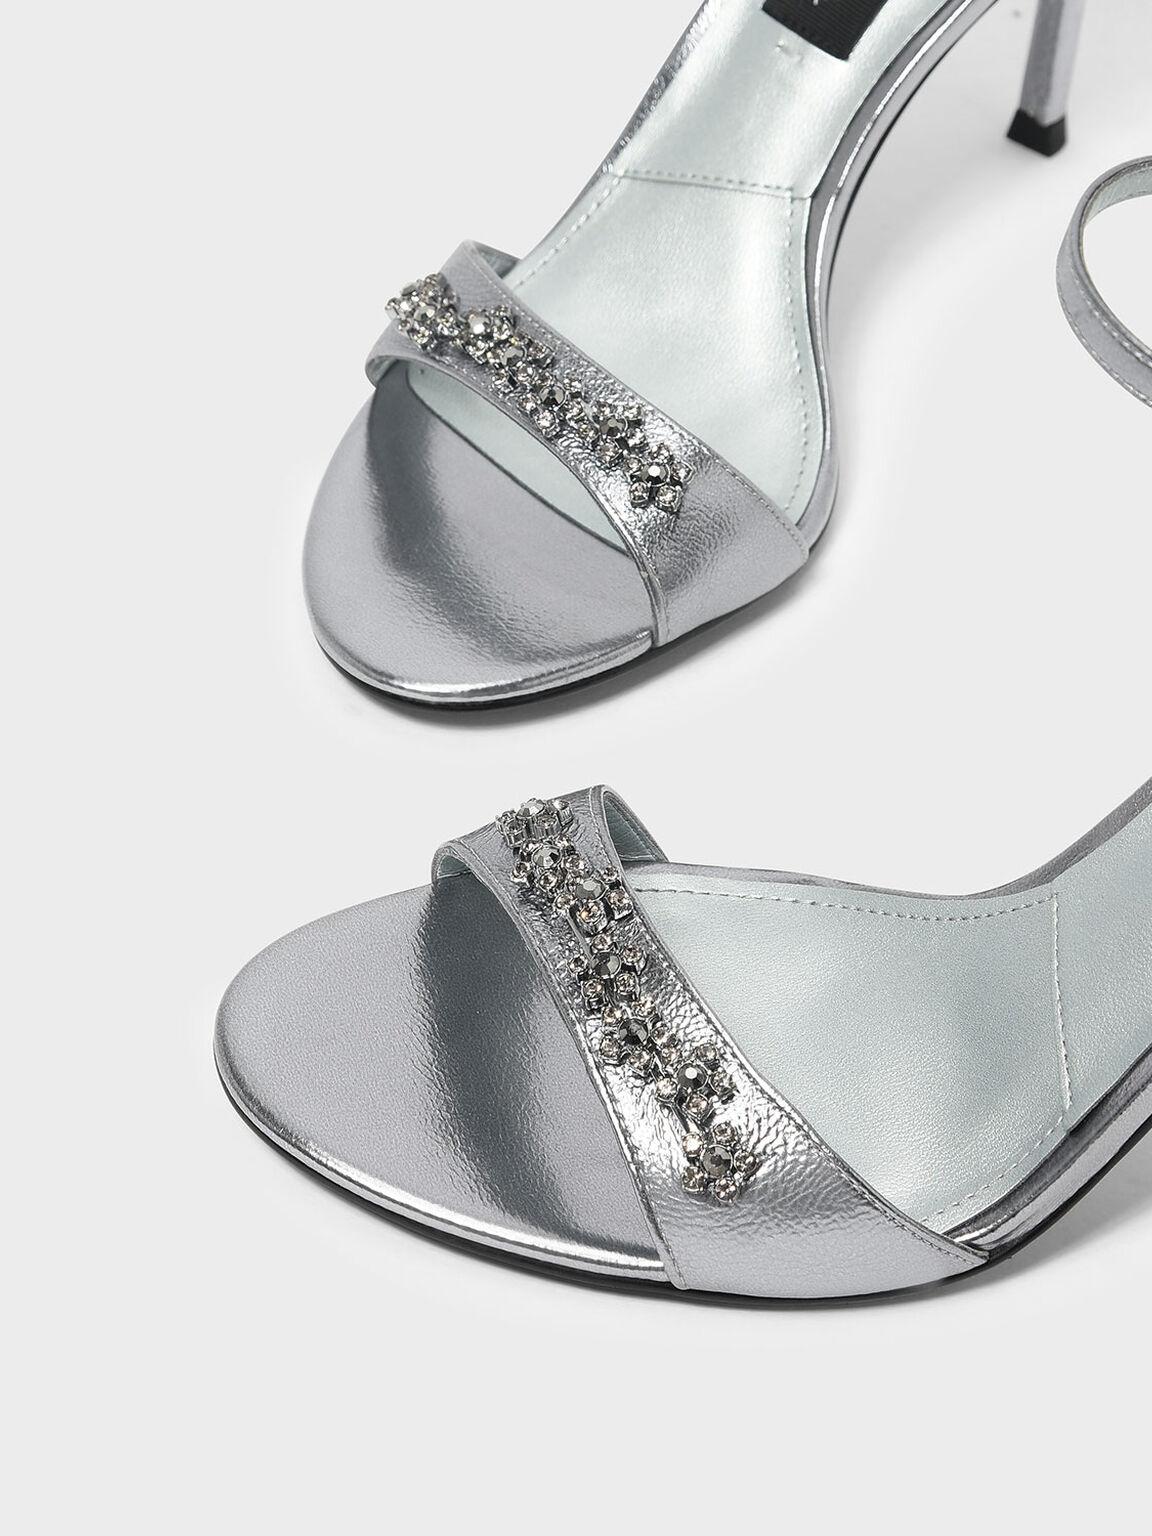 Floral Embellishment Leather Heeled Sandals, Pewter, hi-res